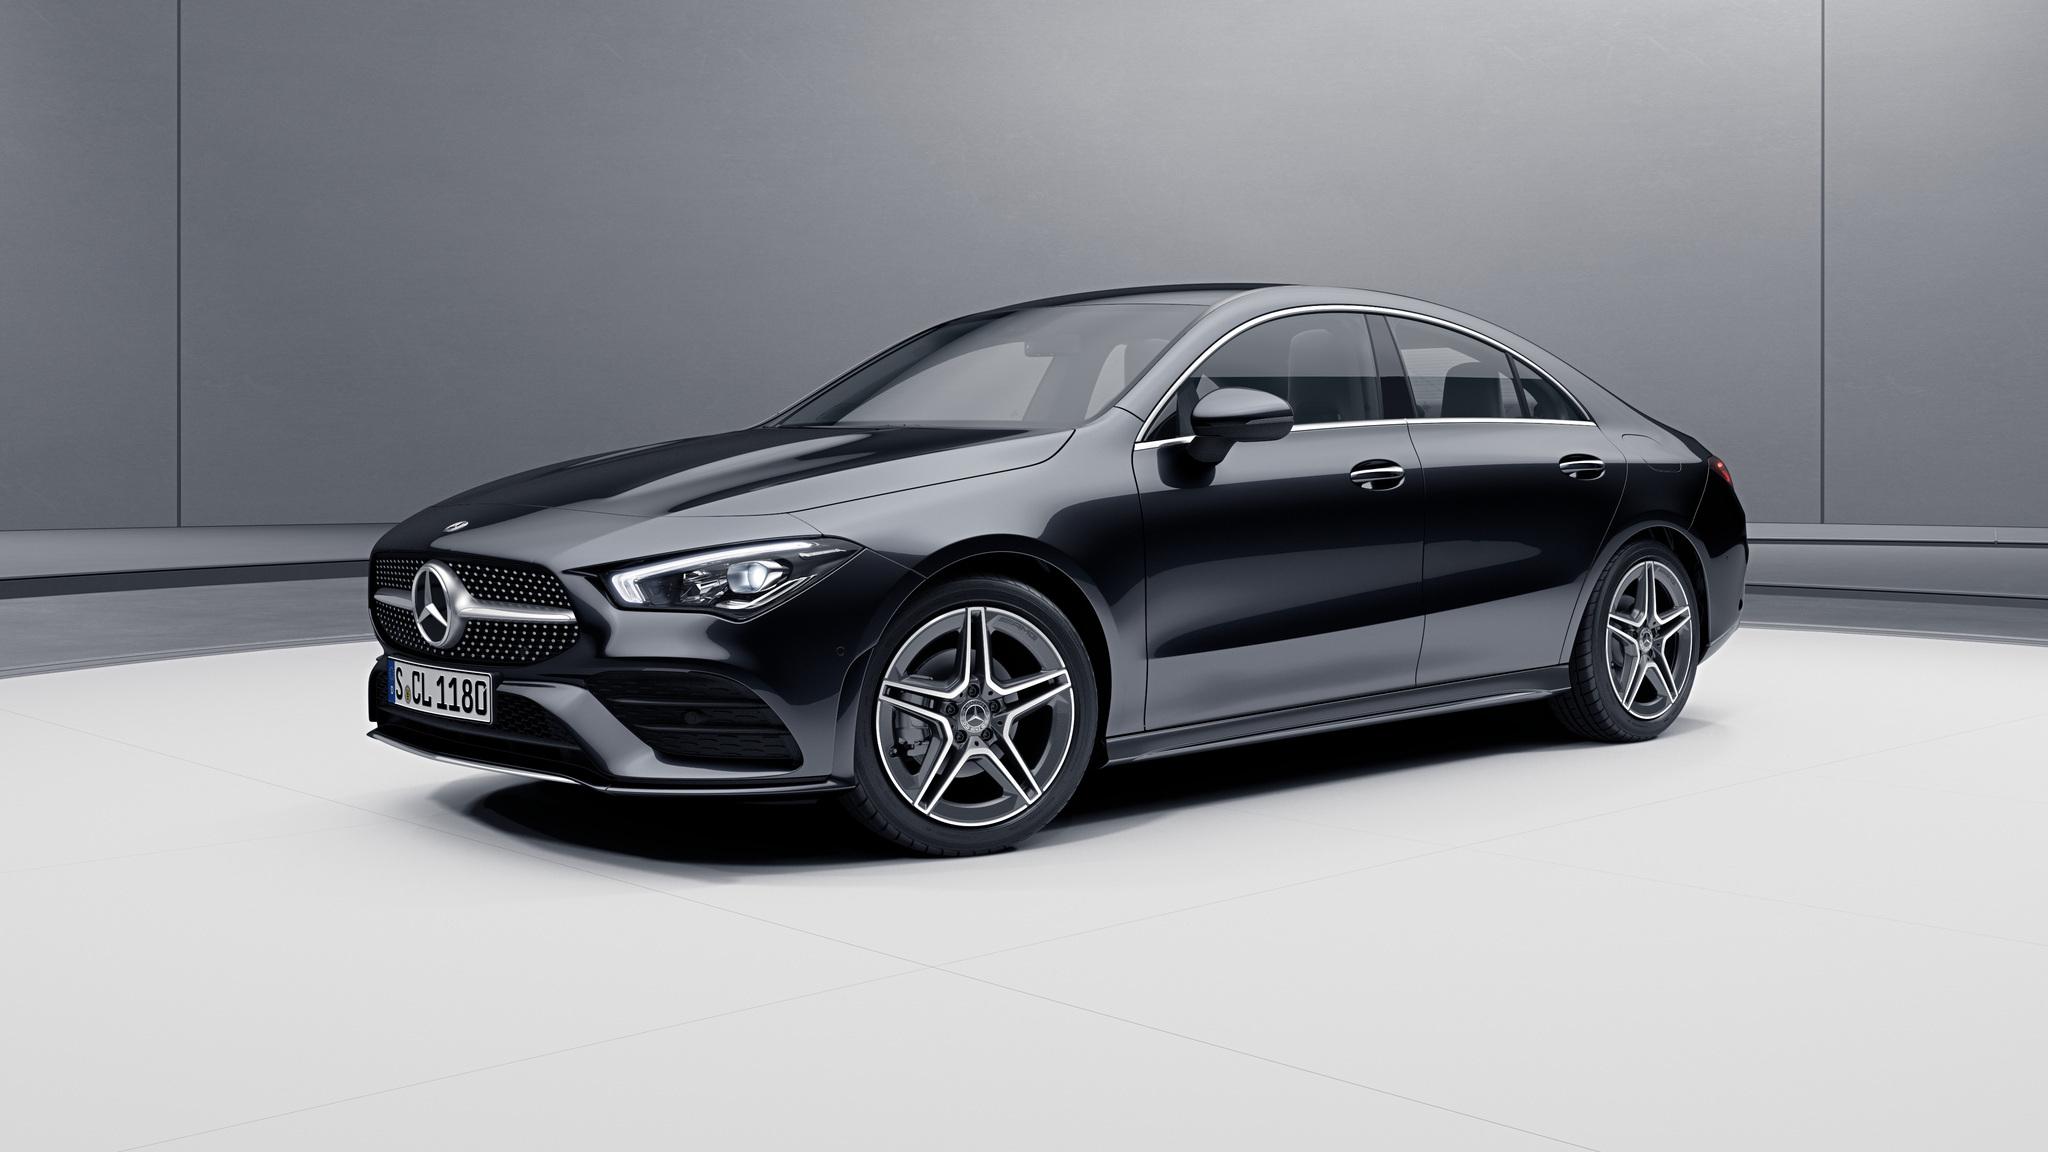 Vue de trois quarts de profil de la Mercedes CLA avec la peinture métallisé noir cosmos